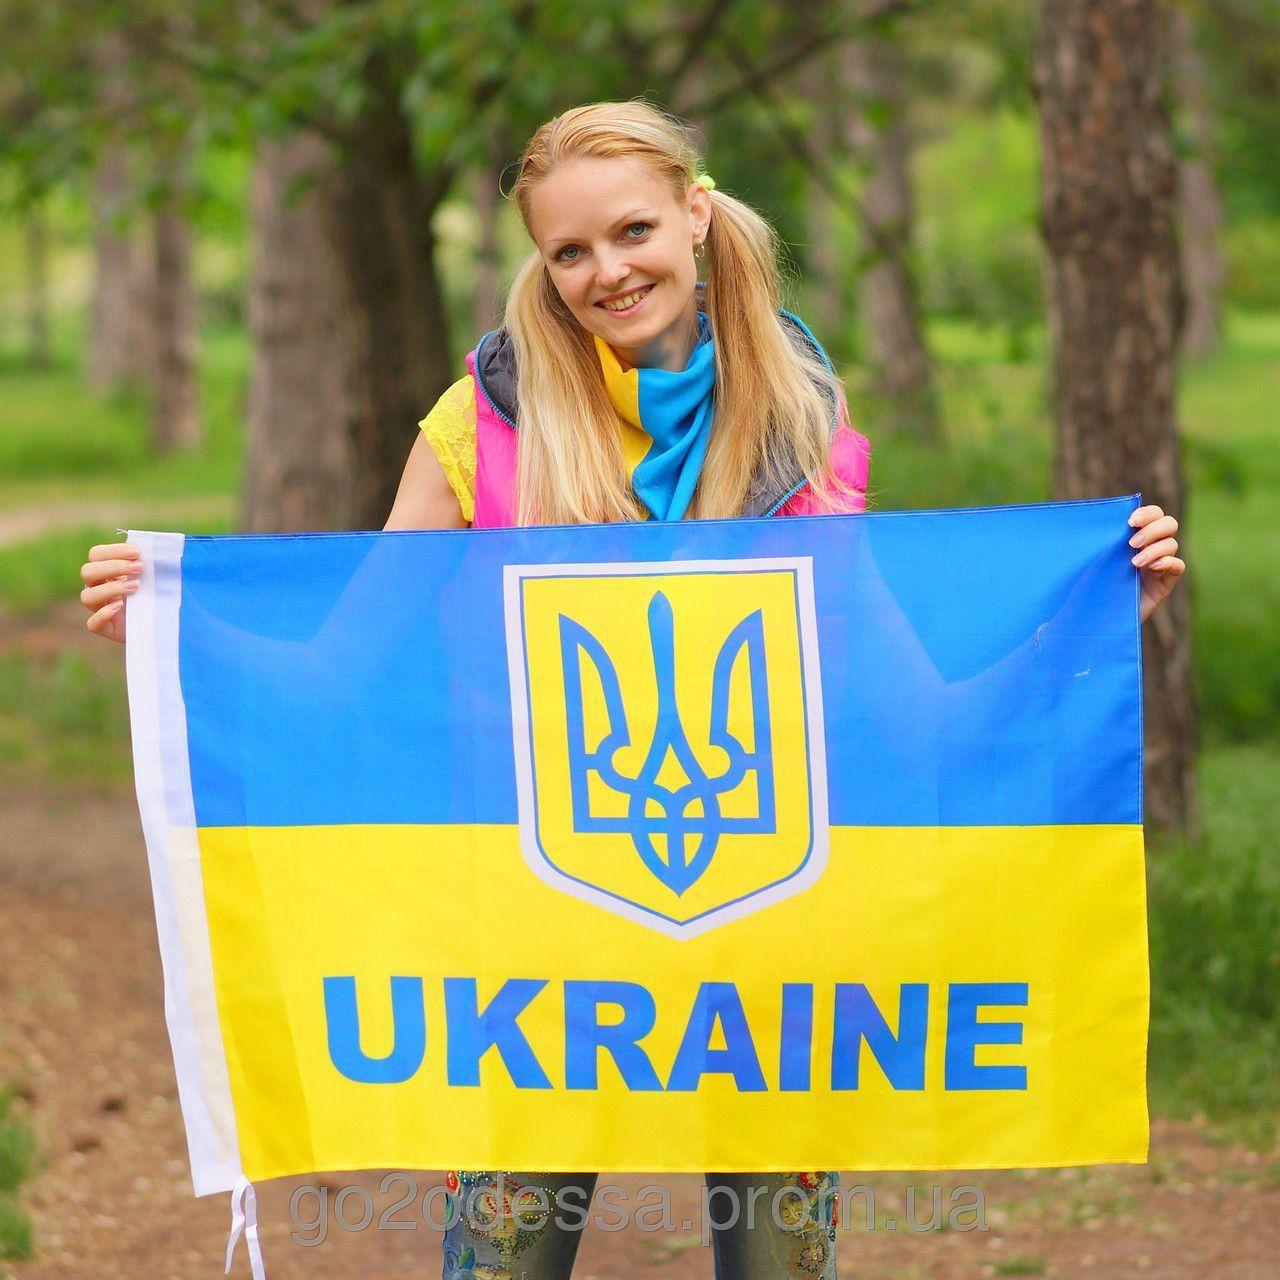 лесной картинки флаг украины с надписью украина видео очевидцев призраках